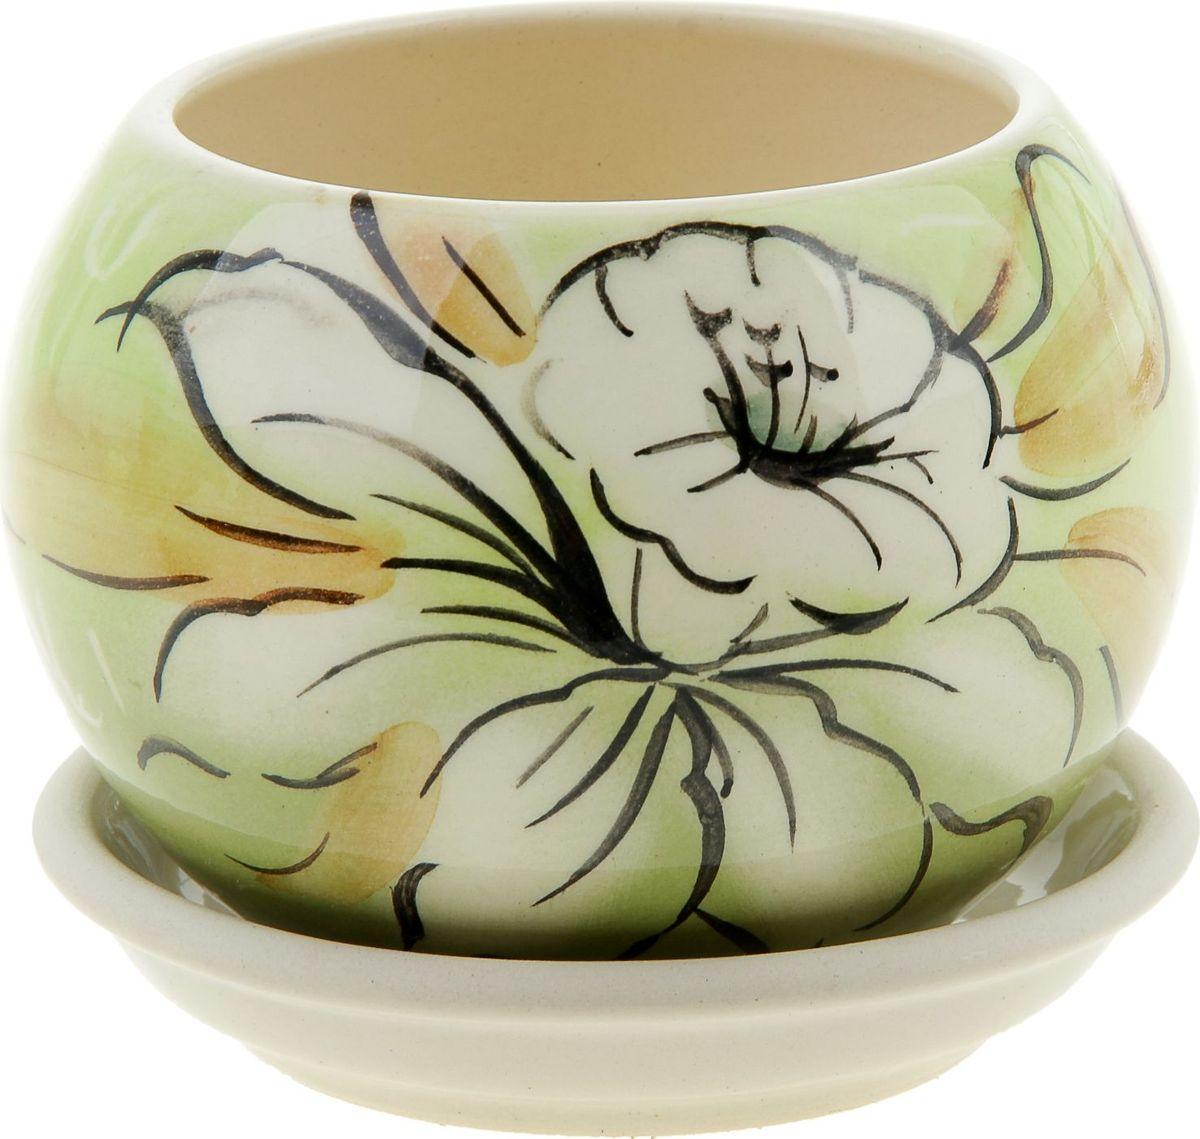 Кашпо Керамика ручной работы Шар. Нарцисс, 0,4 л835633Комнатные растения - всеобщие любимцы. Они радуют глаз, насыщают помещение кислородом и украшают пространство. Каждому из них необходим свой удобный и красивый дом. Кашпо из керамики прекрасно подходят для высадки растений:- пористый материал позволяет испаряться лишней влаге;- воздух, необходимый для дыхания корней, проникает сквозь керамические стенки. Кашпо Шар. Нарцисс позаботится о зеленом питомце, освежит интерьер и подчеркнет его стиль.